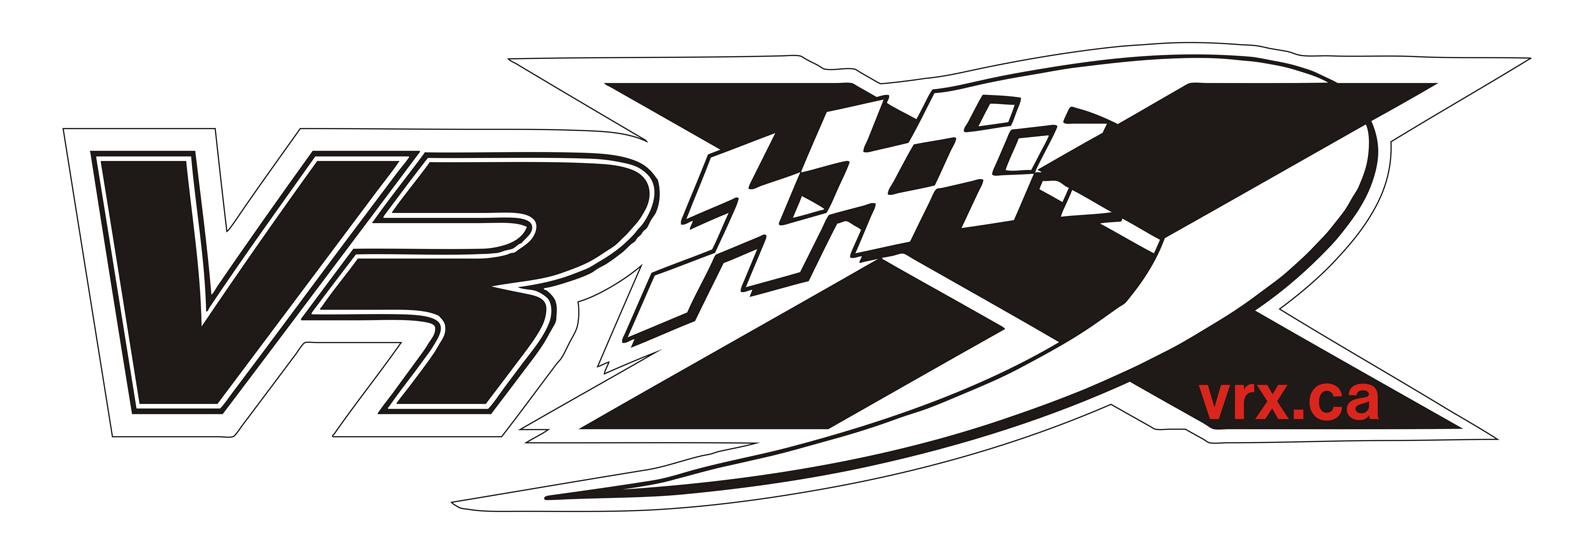 vrx logo 3